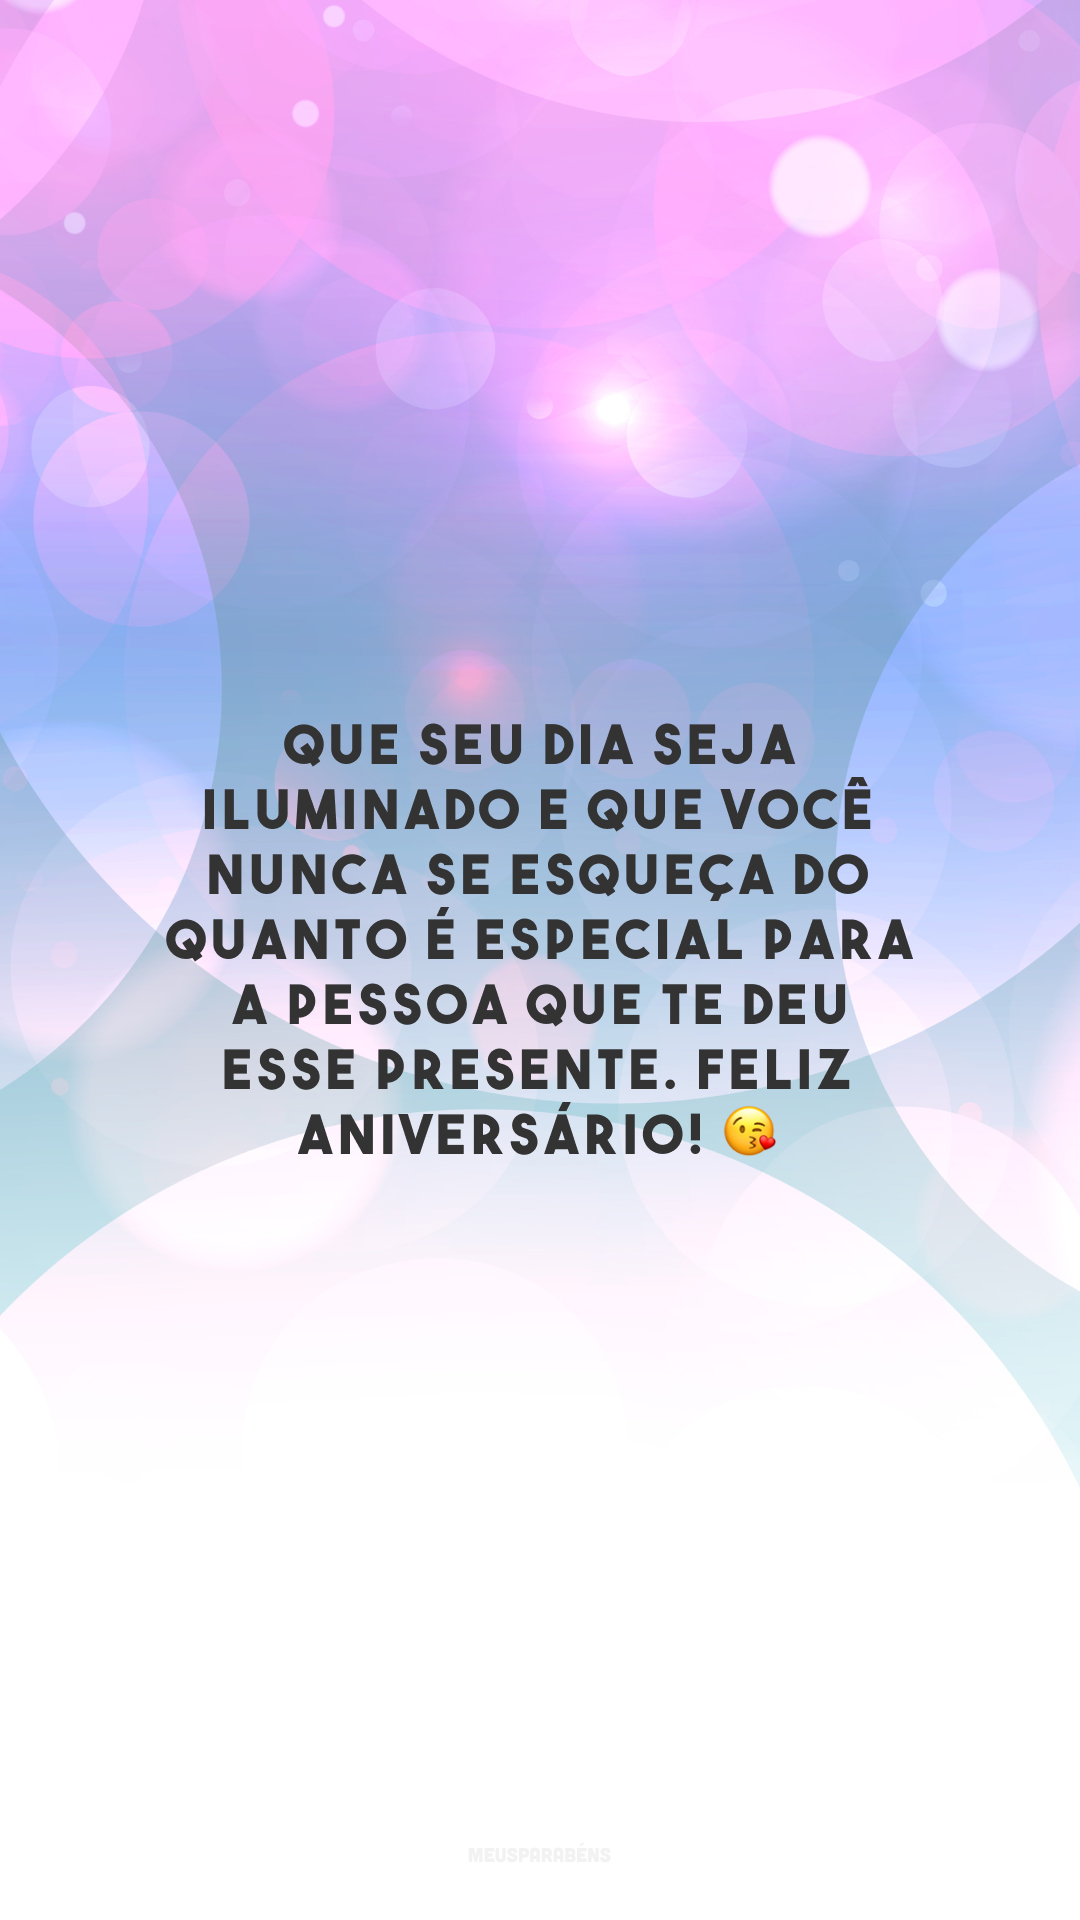 Que seu dia seja iluminado e que você nunca se esqueça do quanto é especial para a pessoa que te deu esse presente. Feliz aniversário! 😘